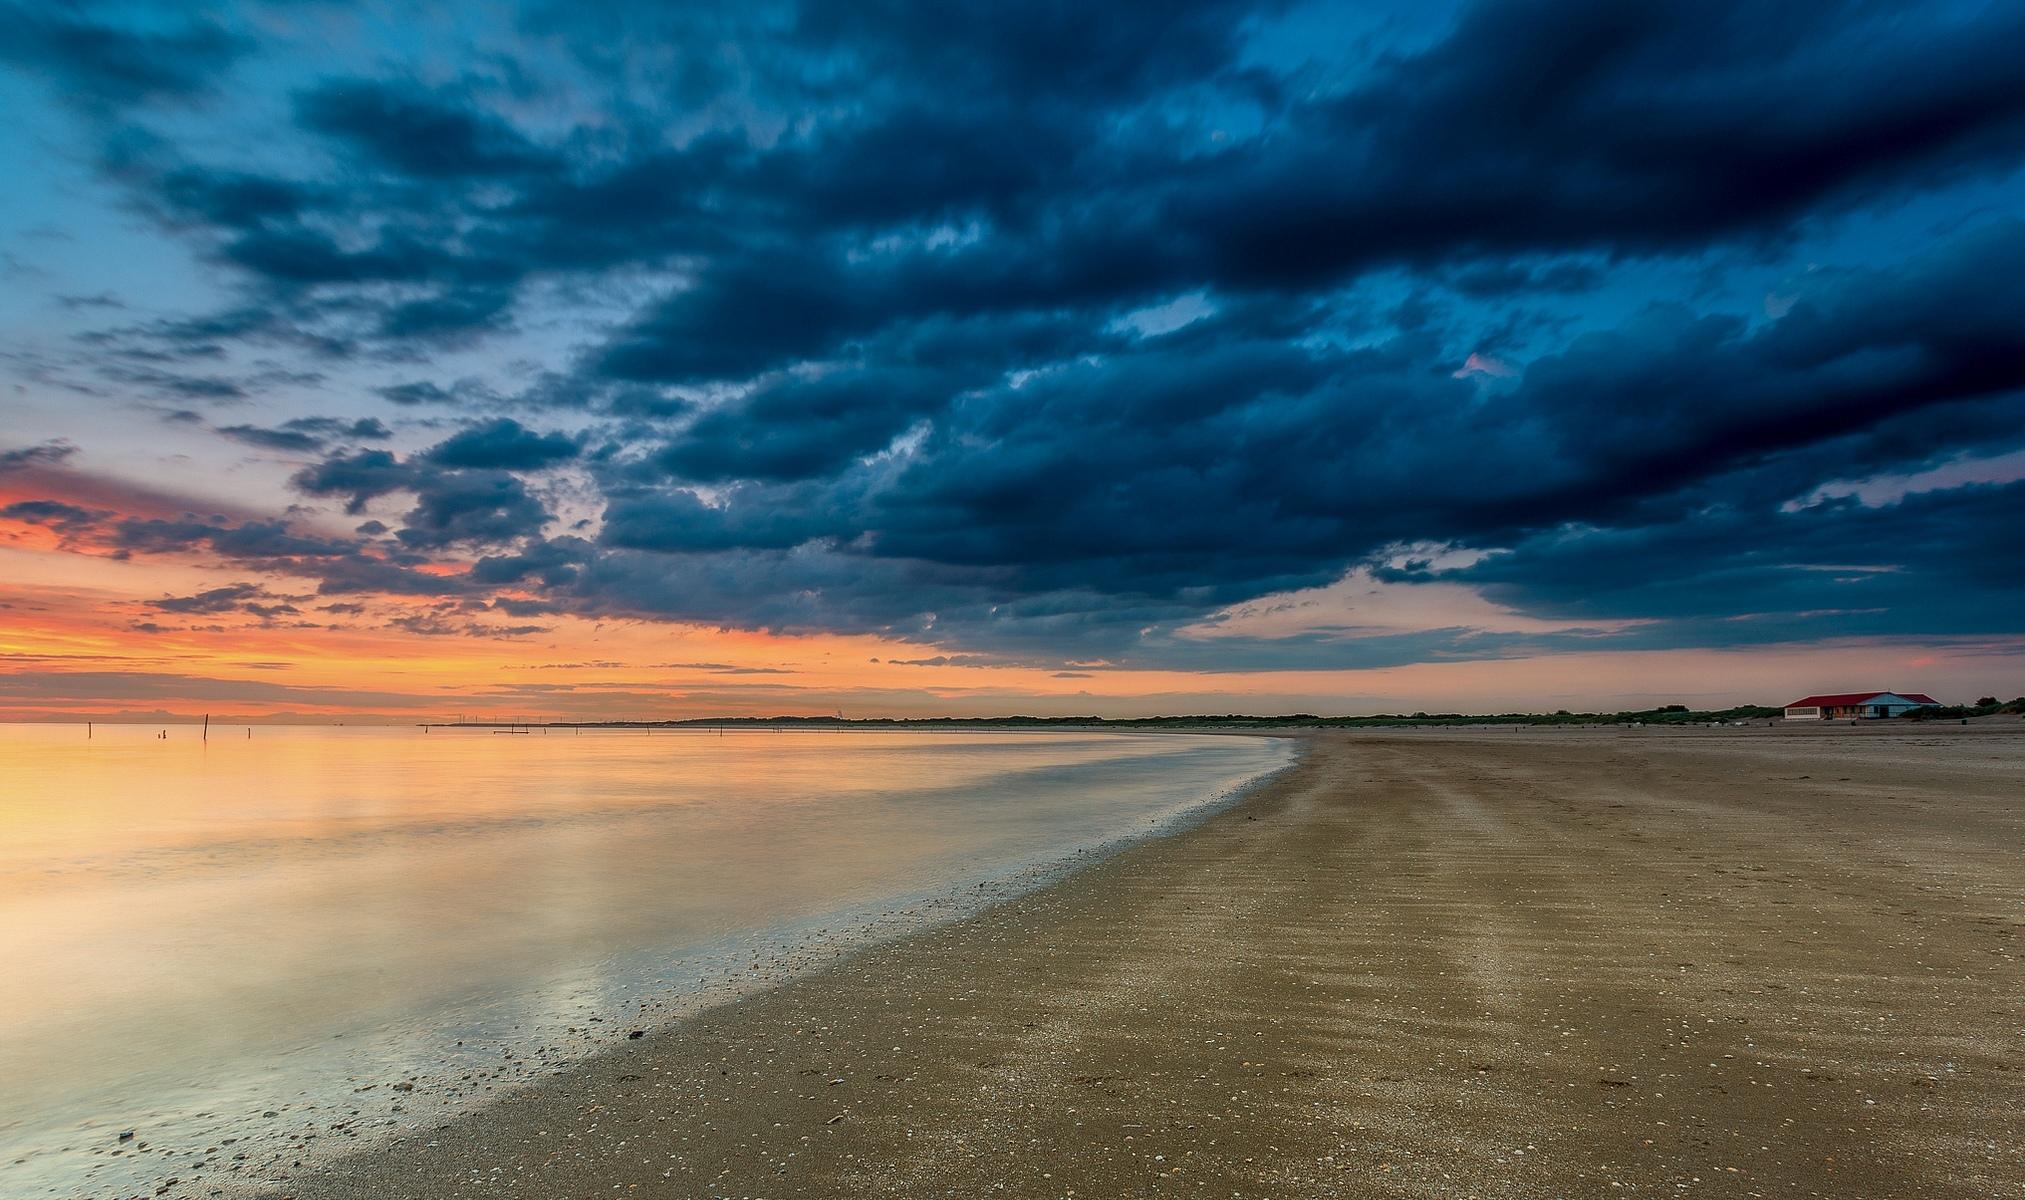 110478 papel de parede 720x1520 em seu telefone gratuitamente, baixe imagens Natureza, Céu, Mar, Nuvens, Praia, Costa, Banco 720x1520 em seu celular